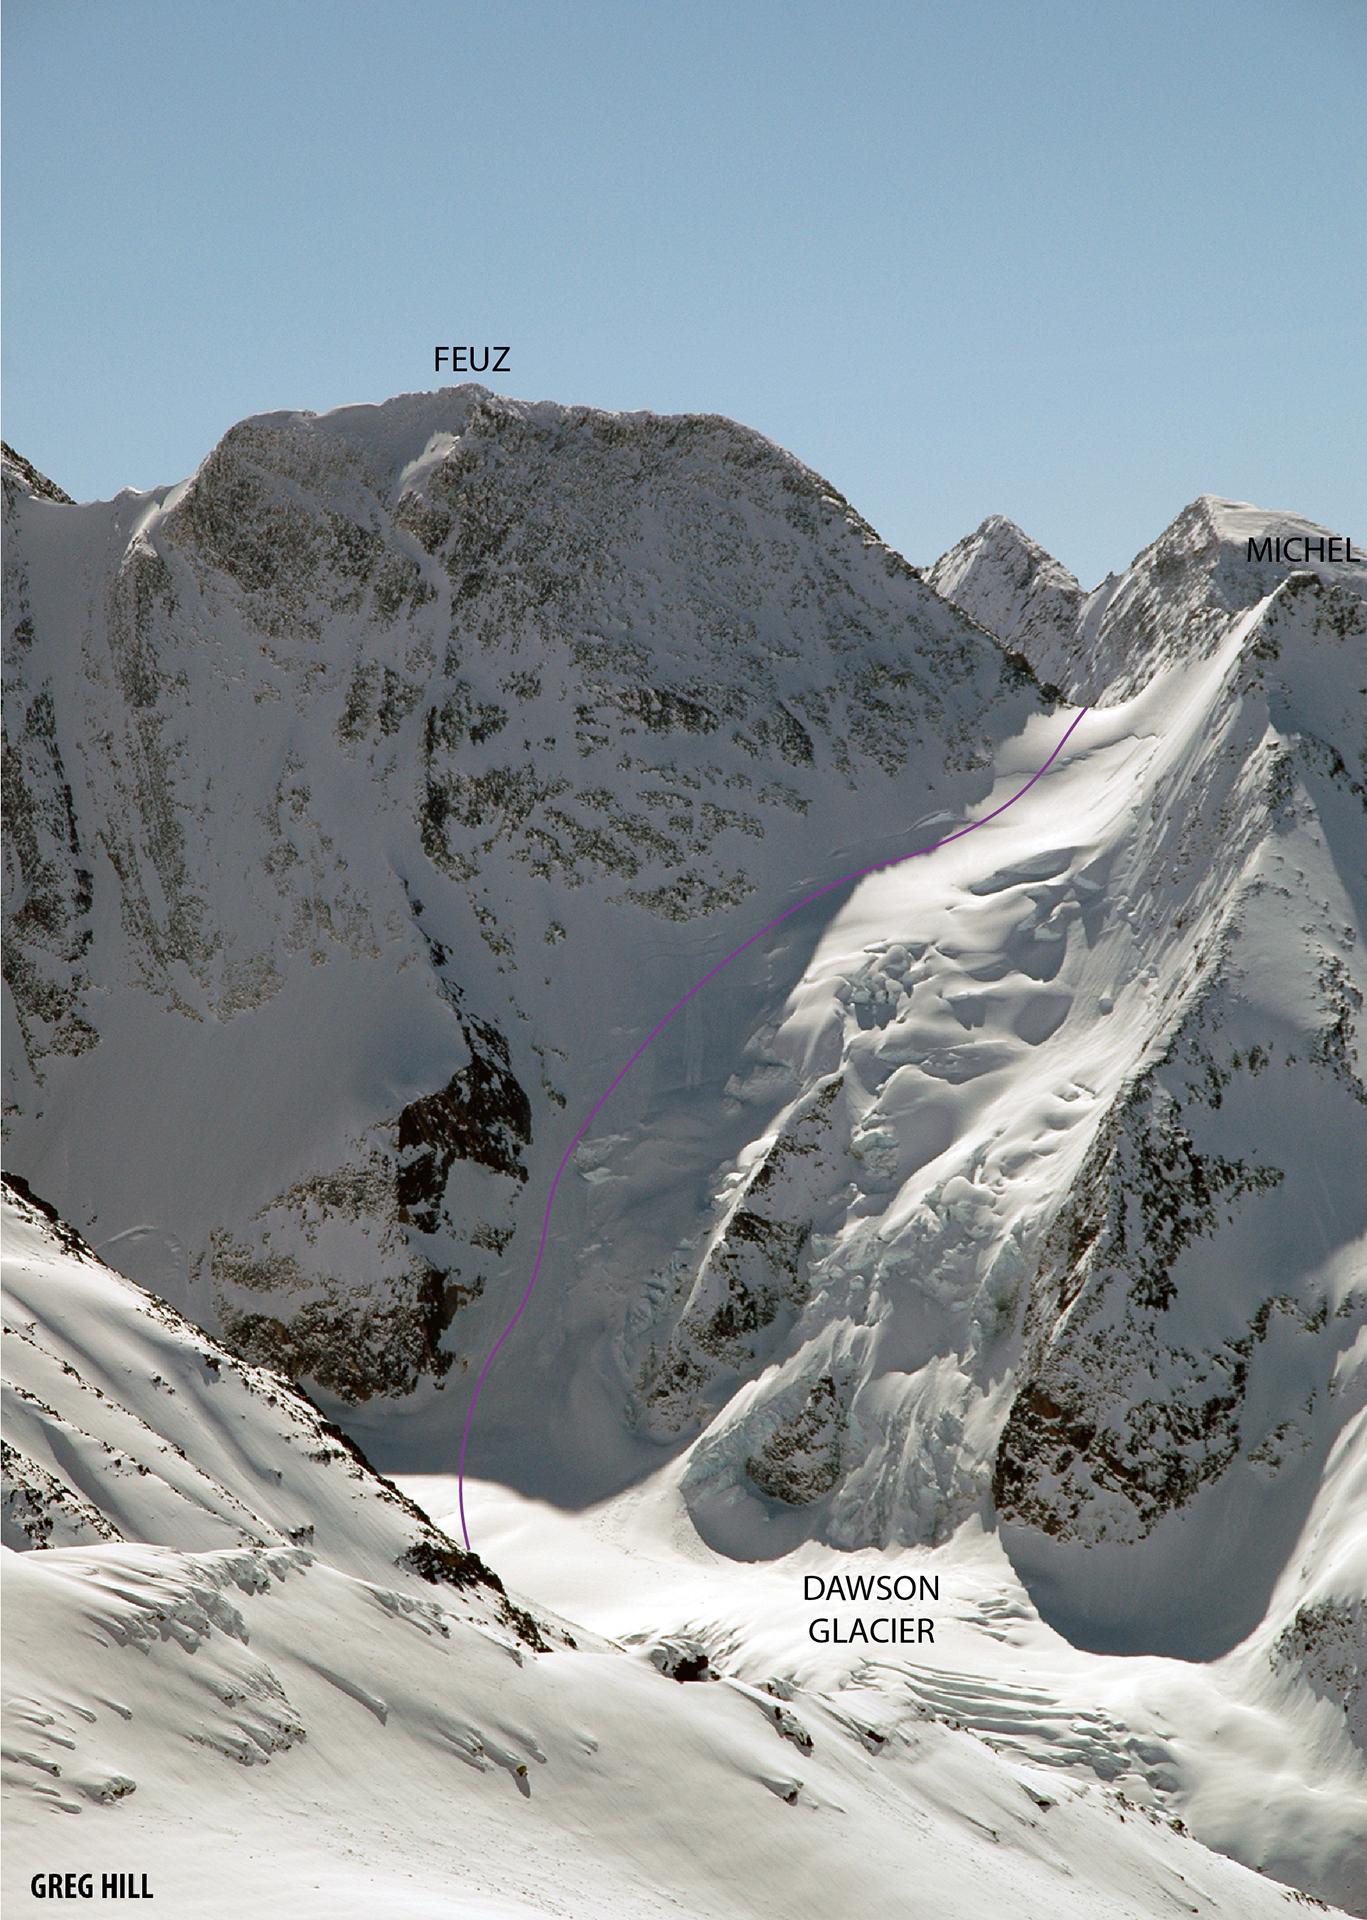 Feuz Peak Northwest Glacier/Face